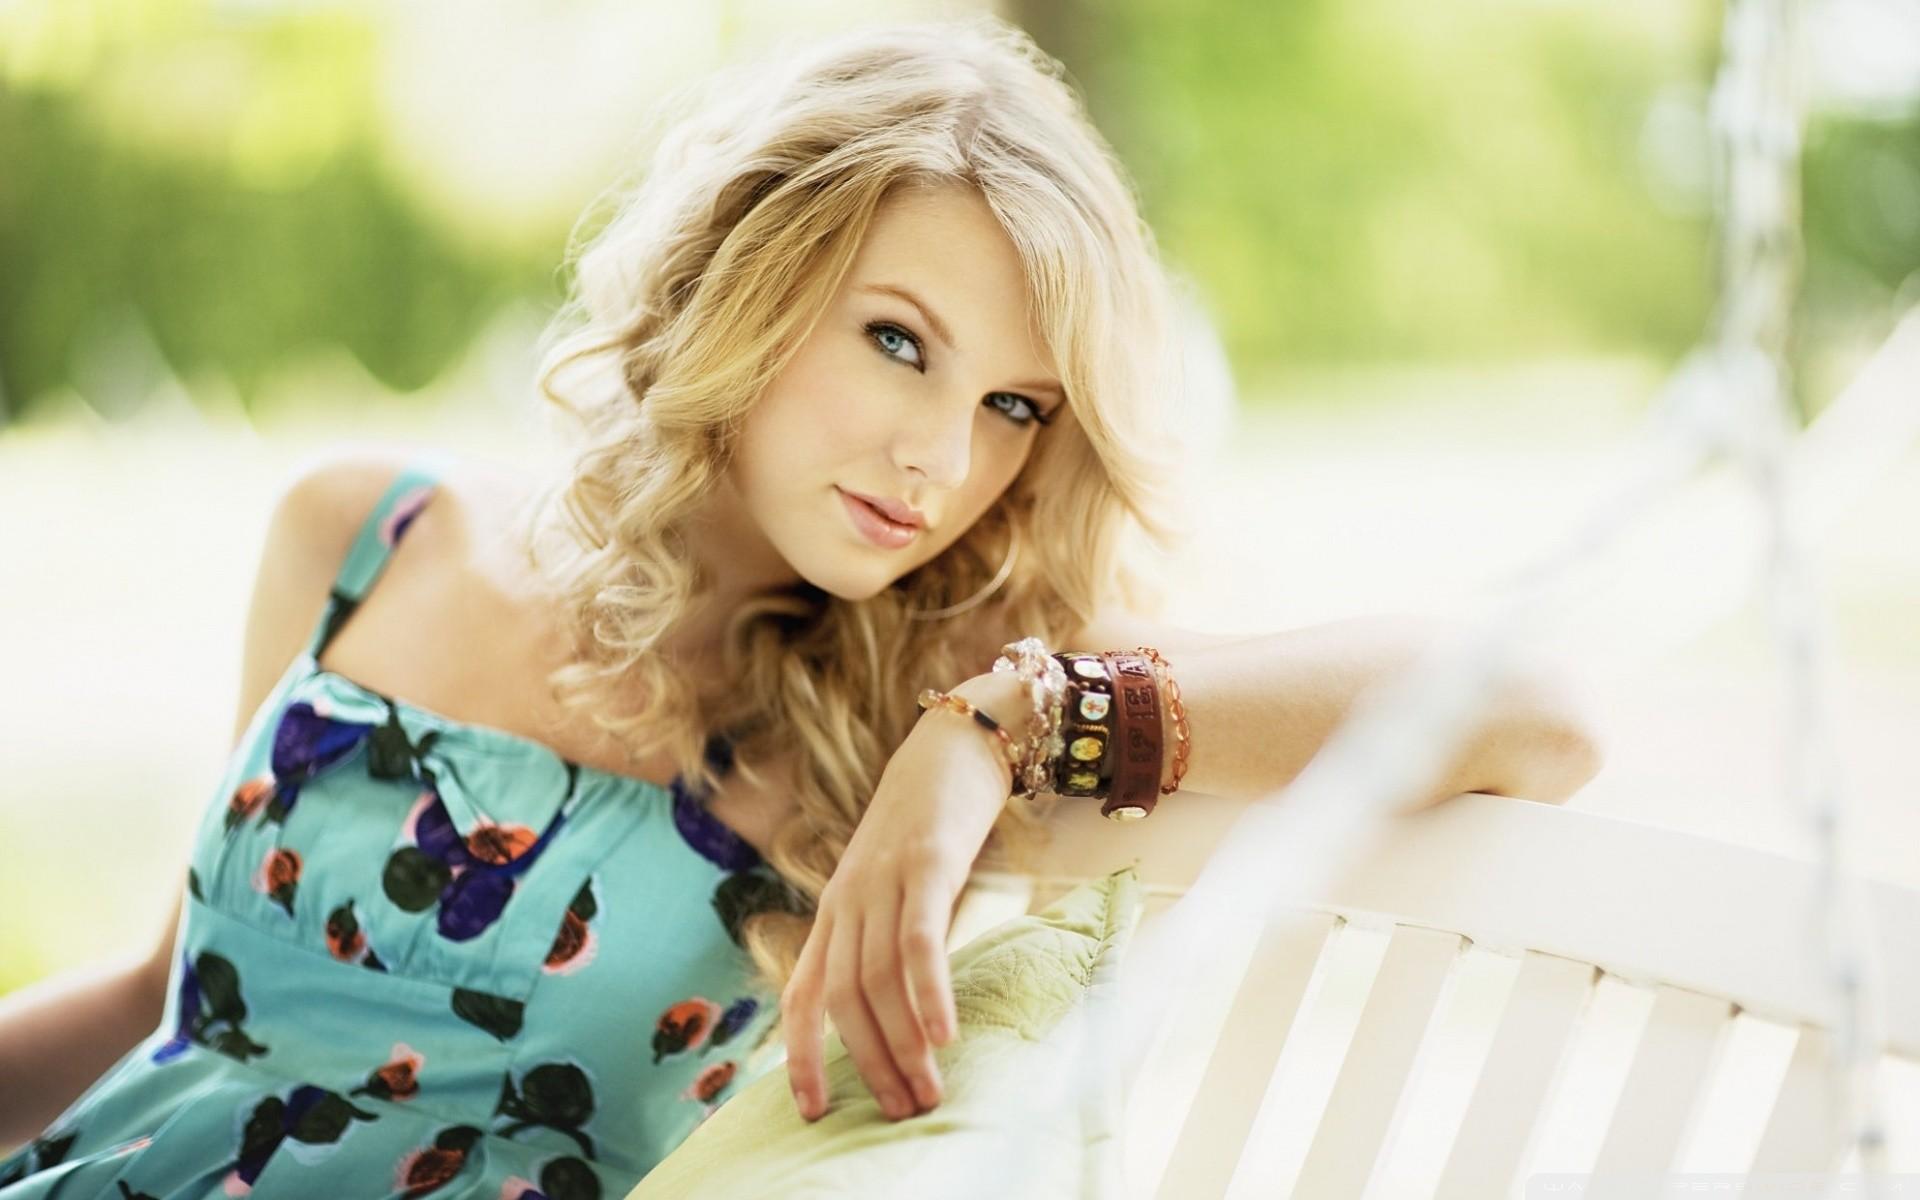 Taylor swift photoshopped